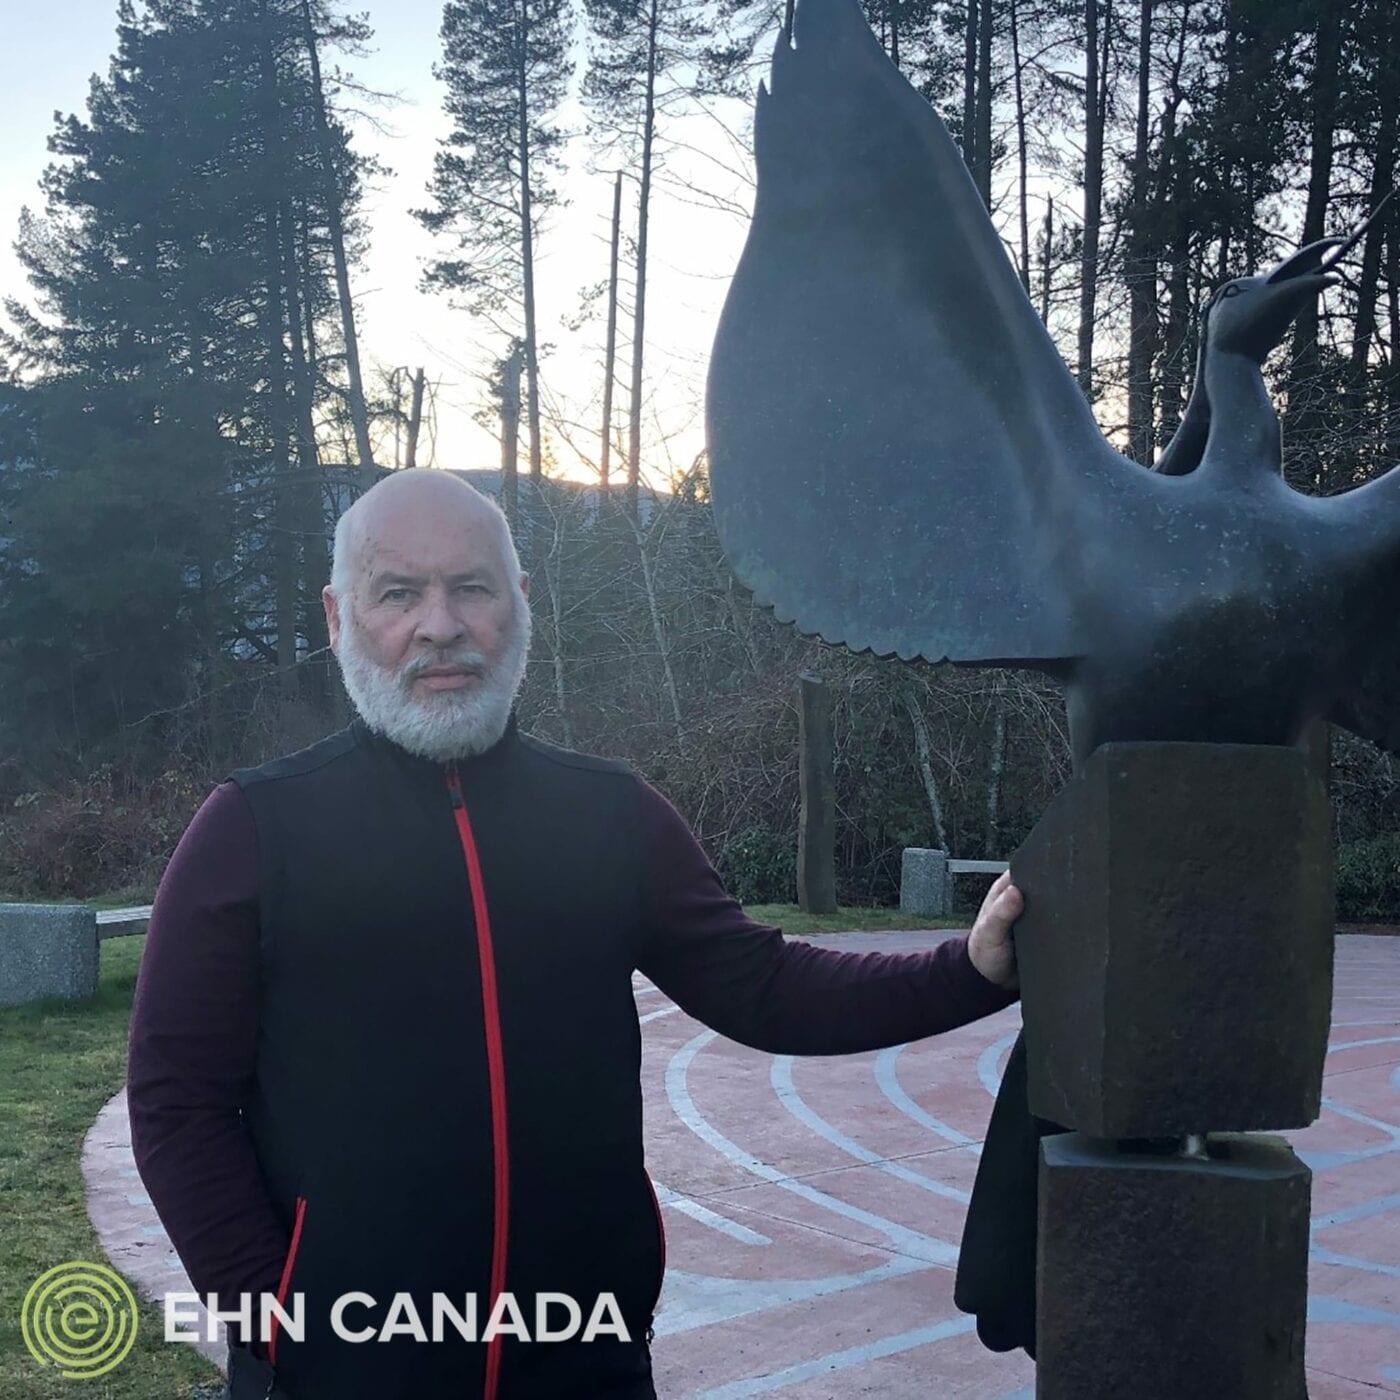 Jim Edwards spiritual guru blog image